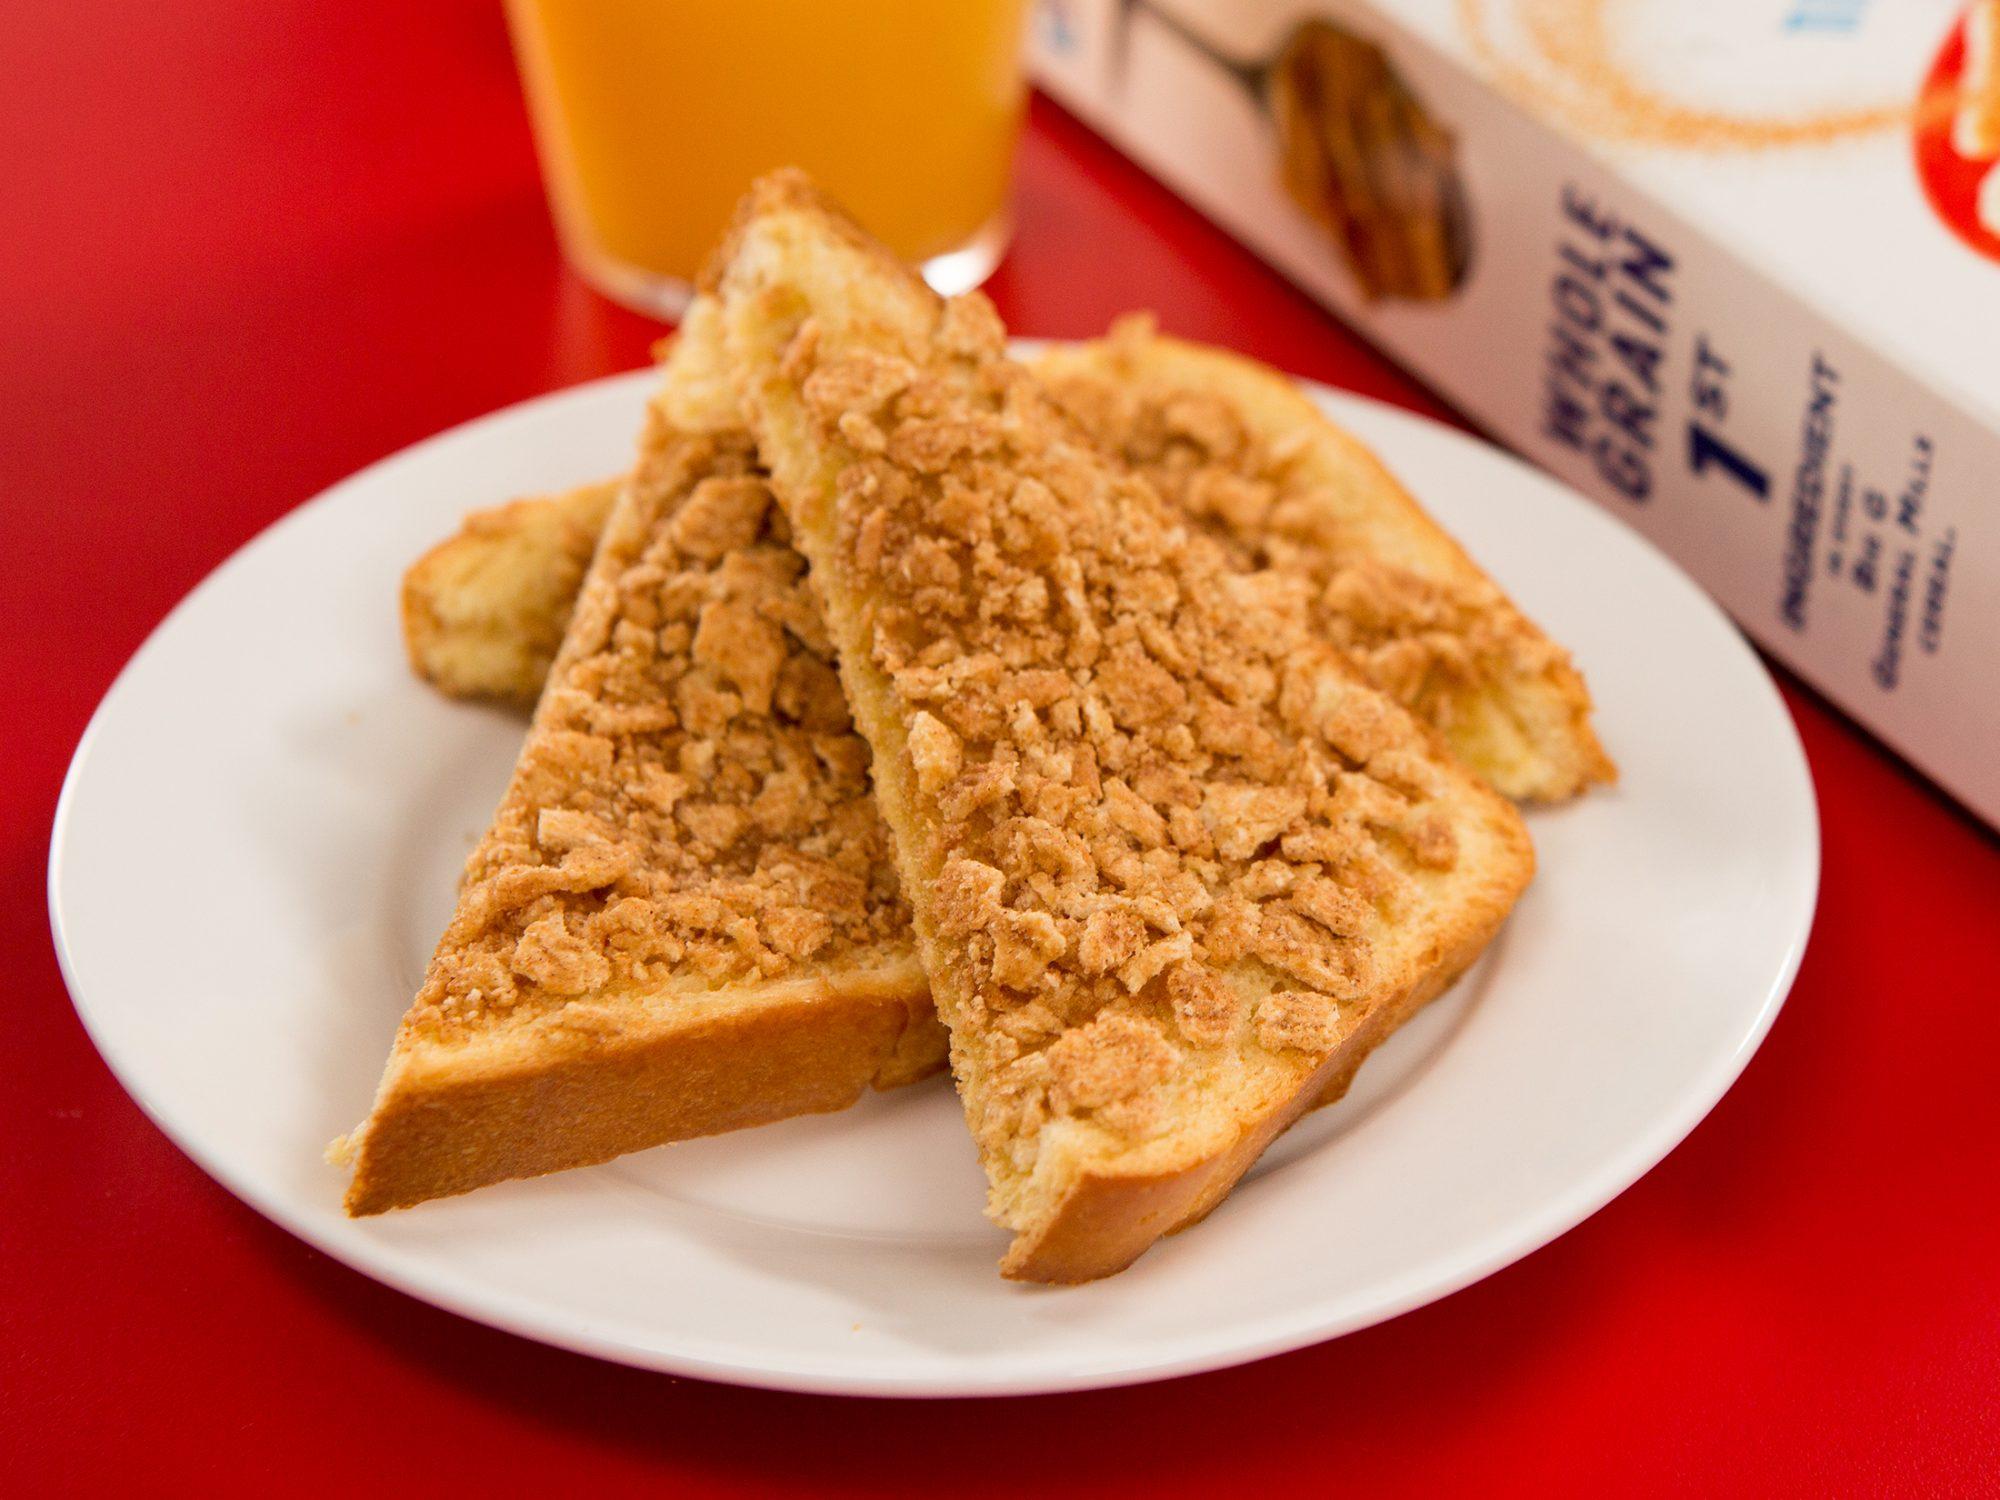 Cinnamon Toast Crunch Cinnamon Toast image